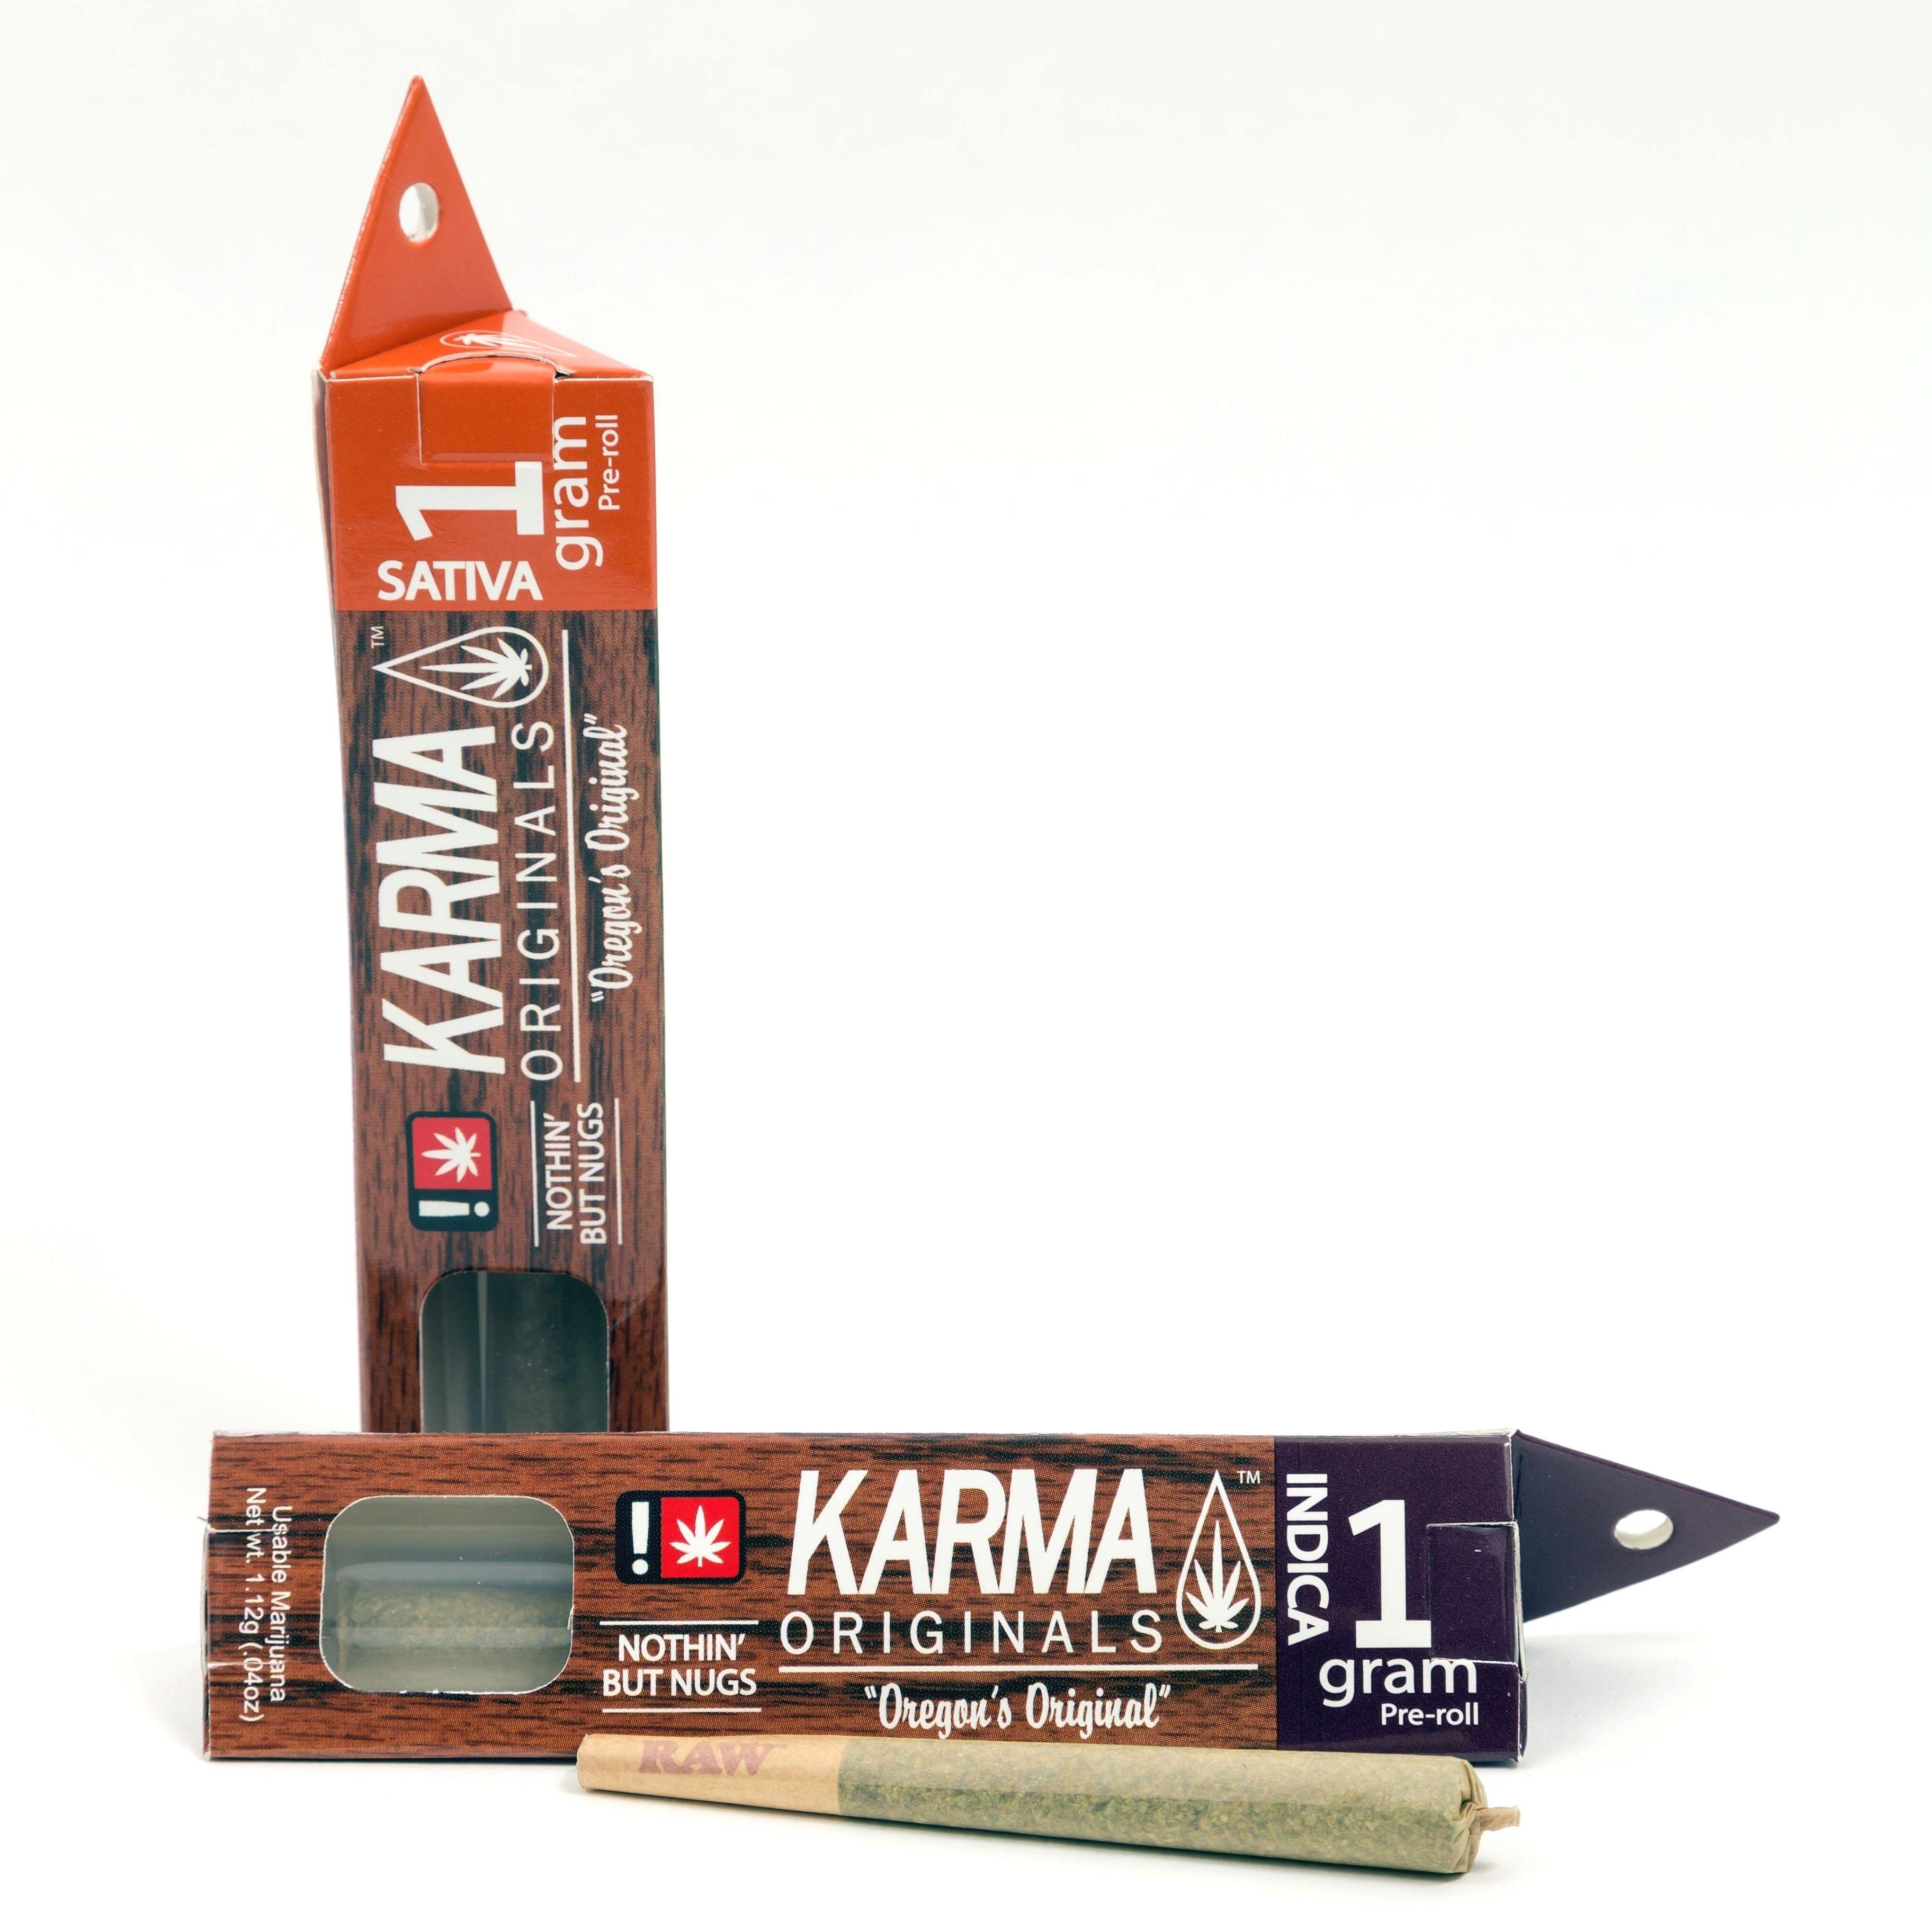 Karma Originals - Sky Lotus 1g, Indica Hybrid, Pre-roll